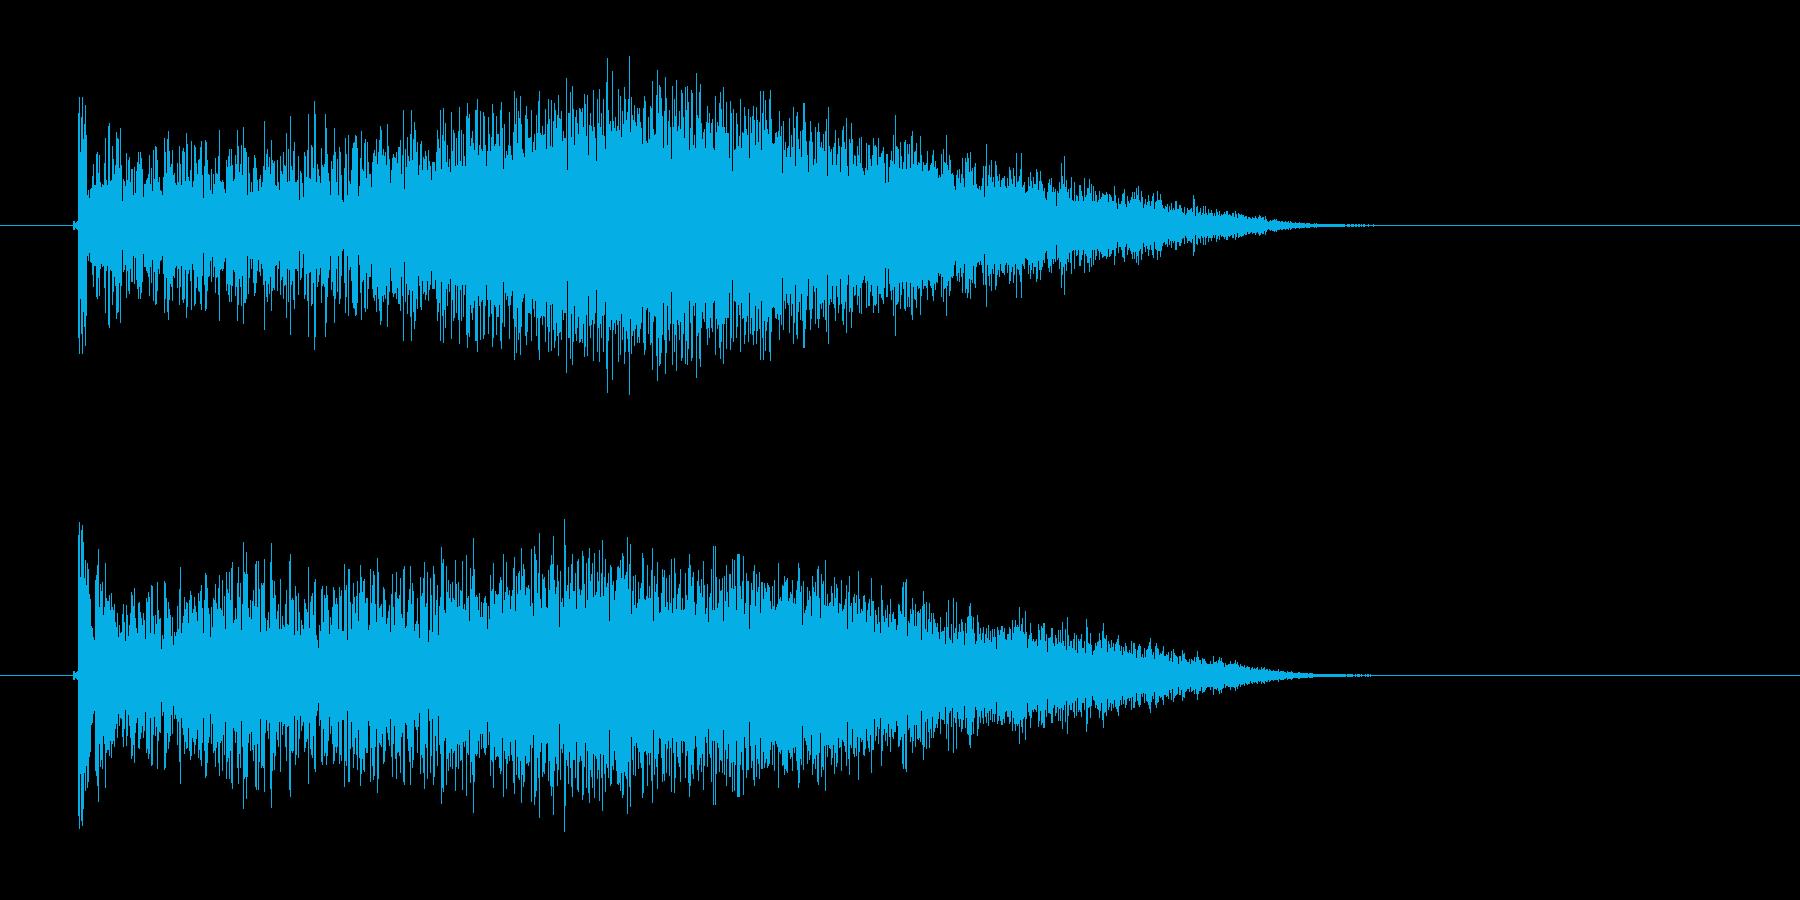 クォーー(風が吹き付けるような音)の再生済みの波形